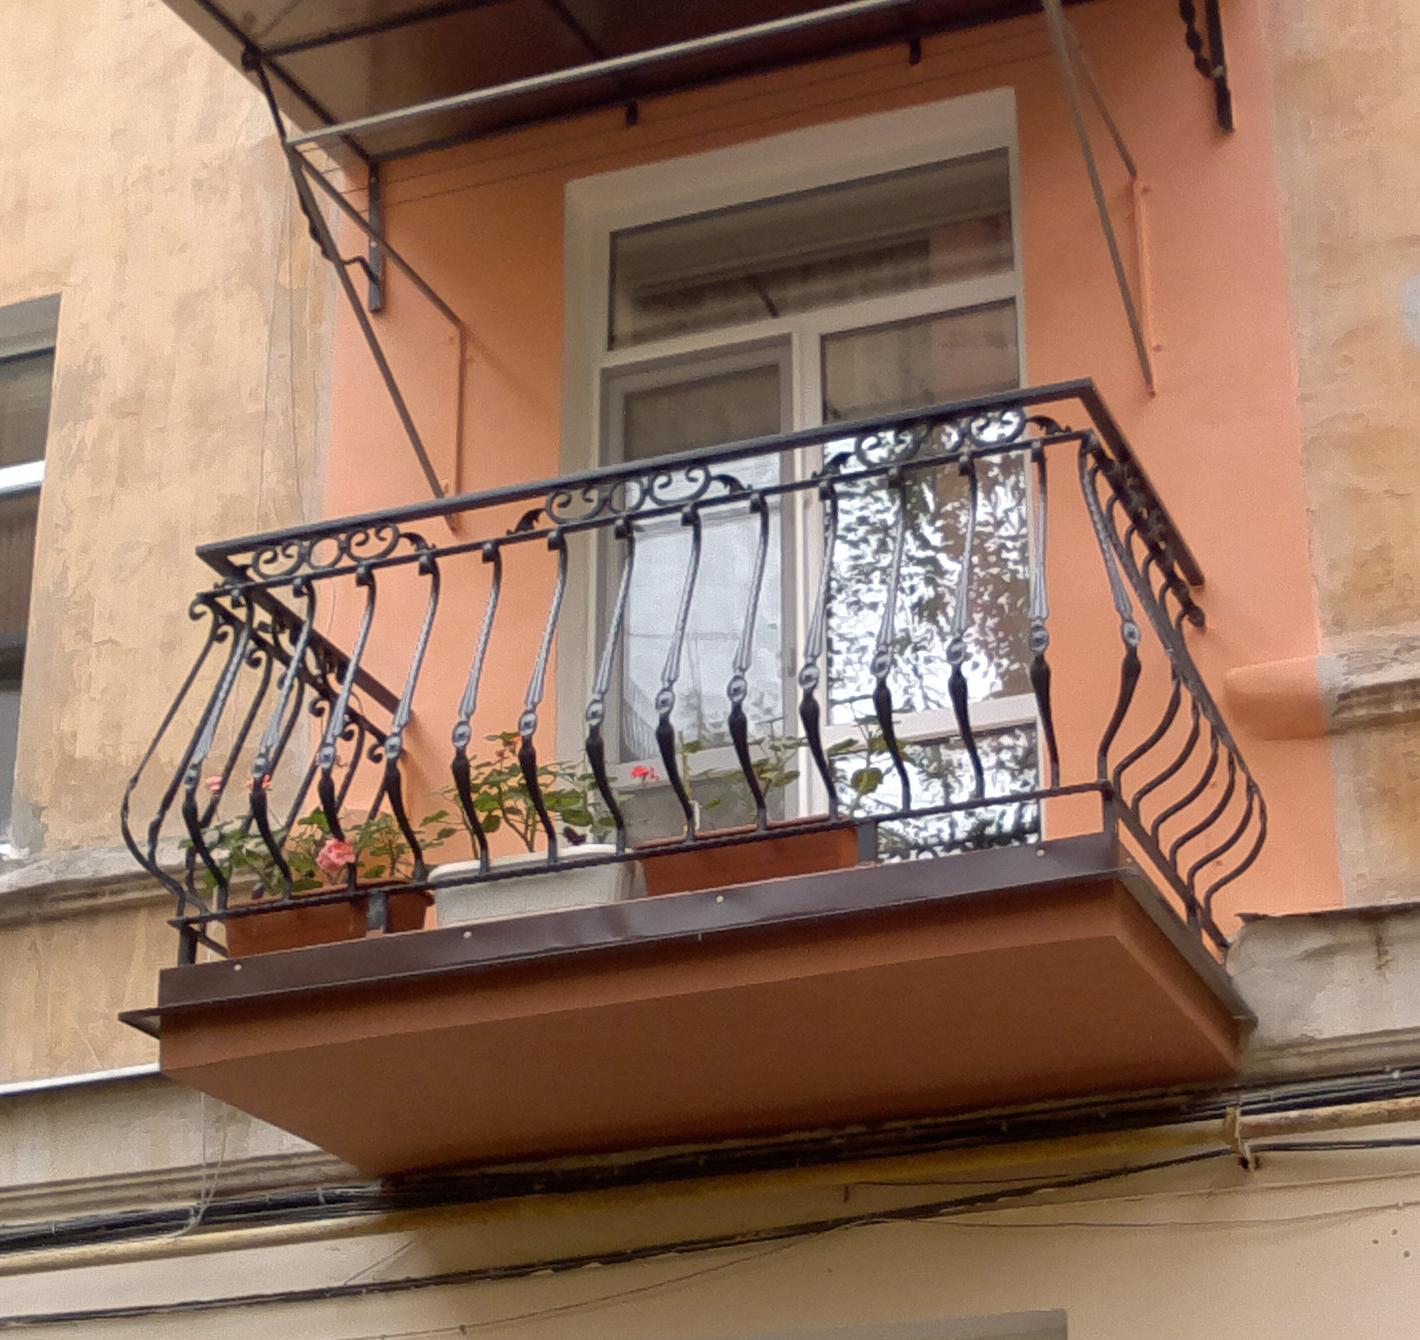 сообщениям ограждение французского балкона фото постепенно